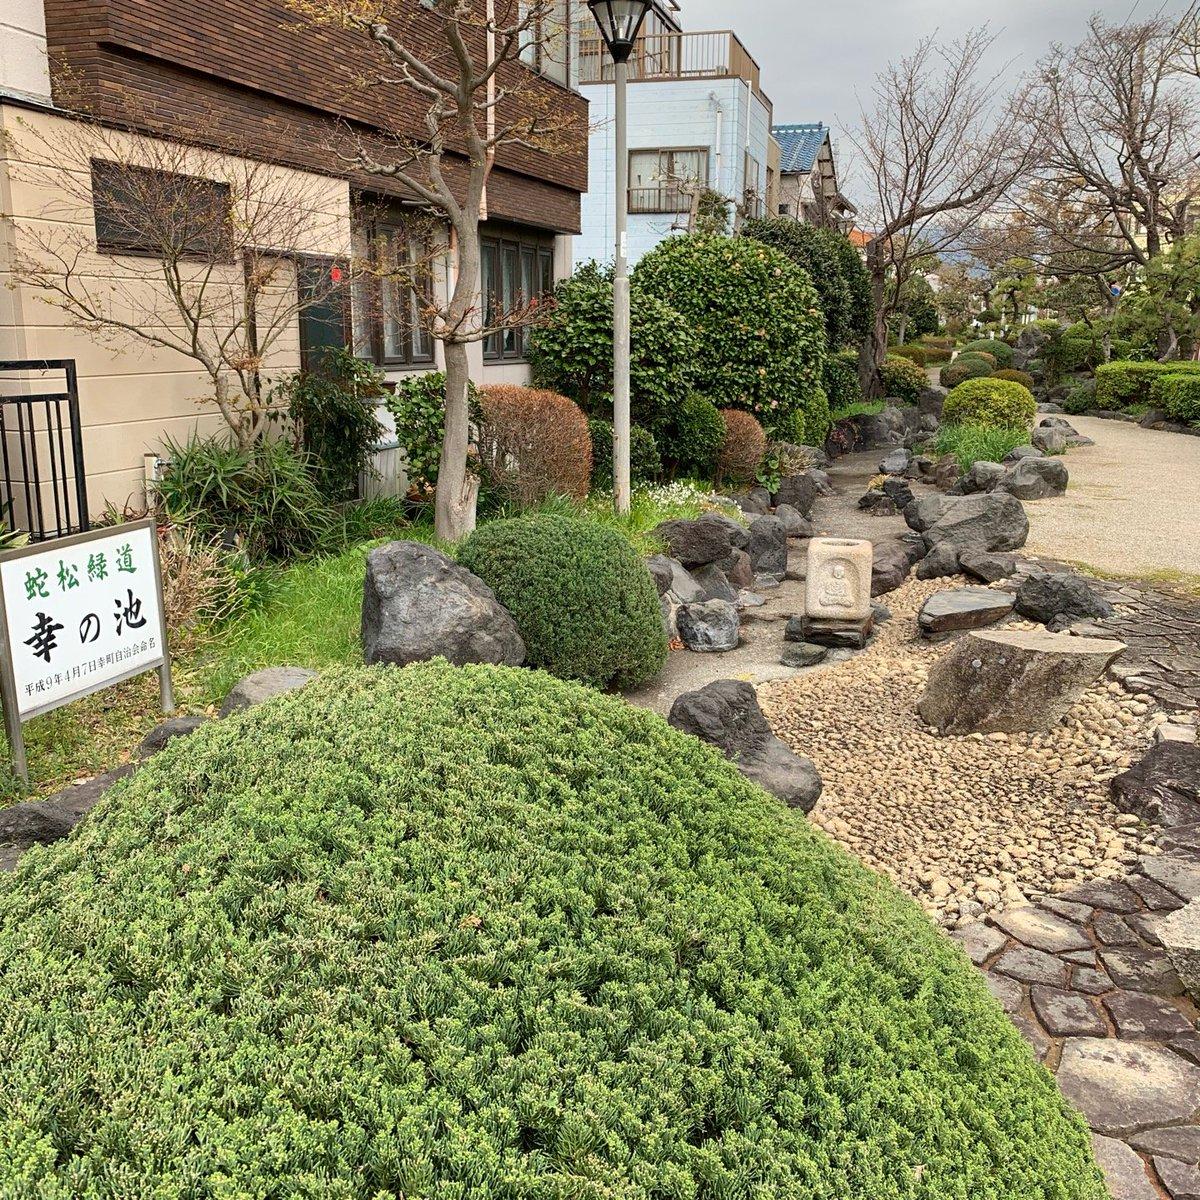 蛇松緑道(4)幸の池